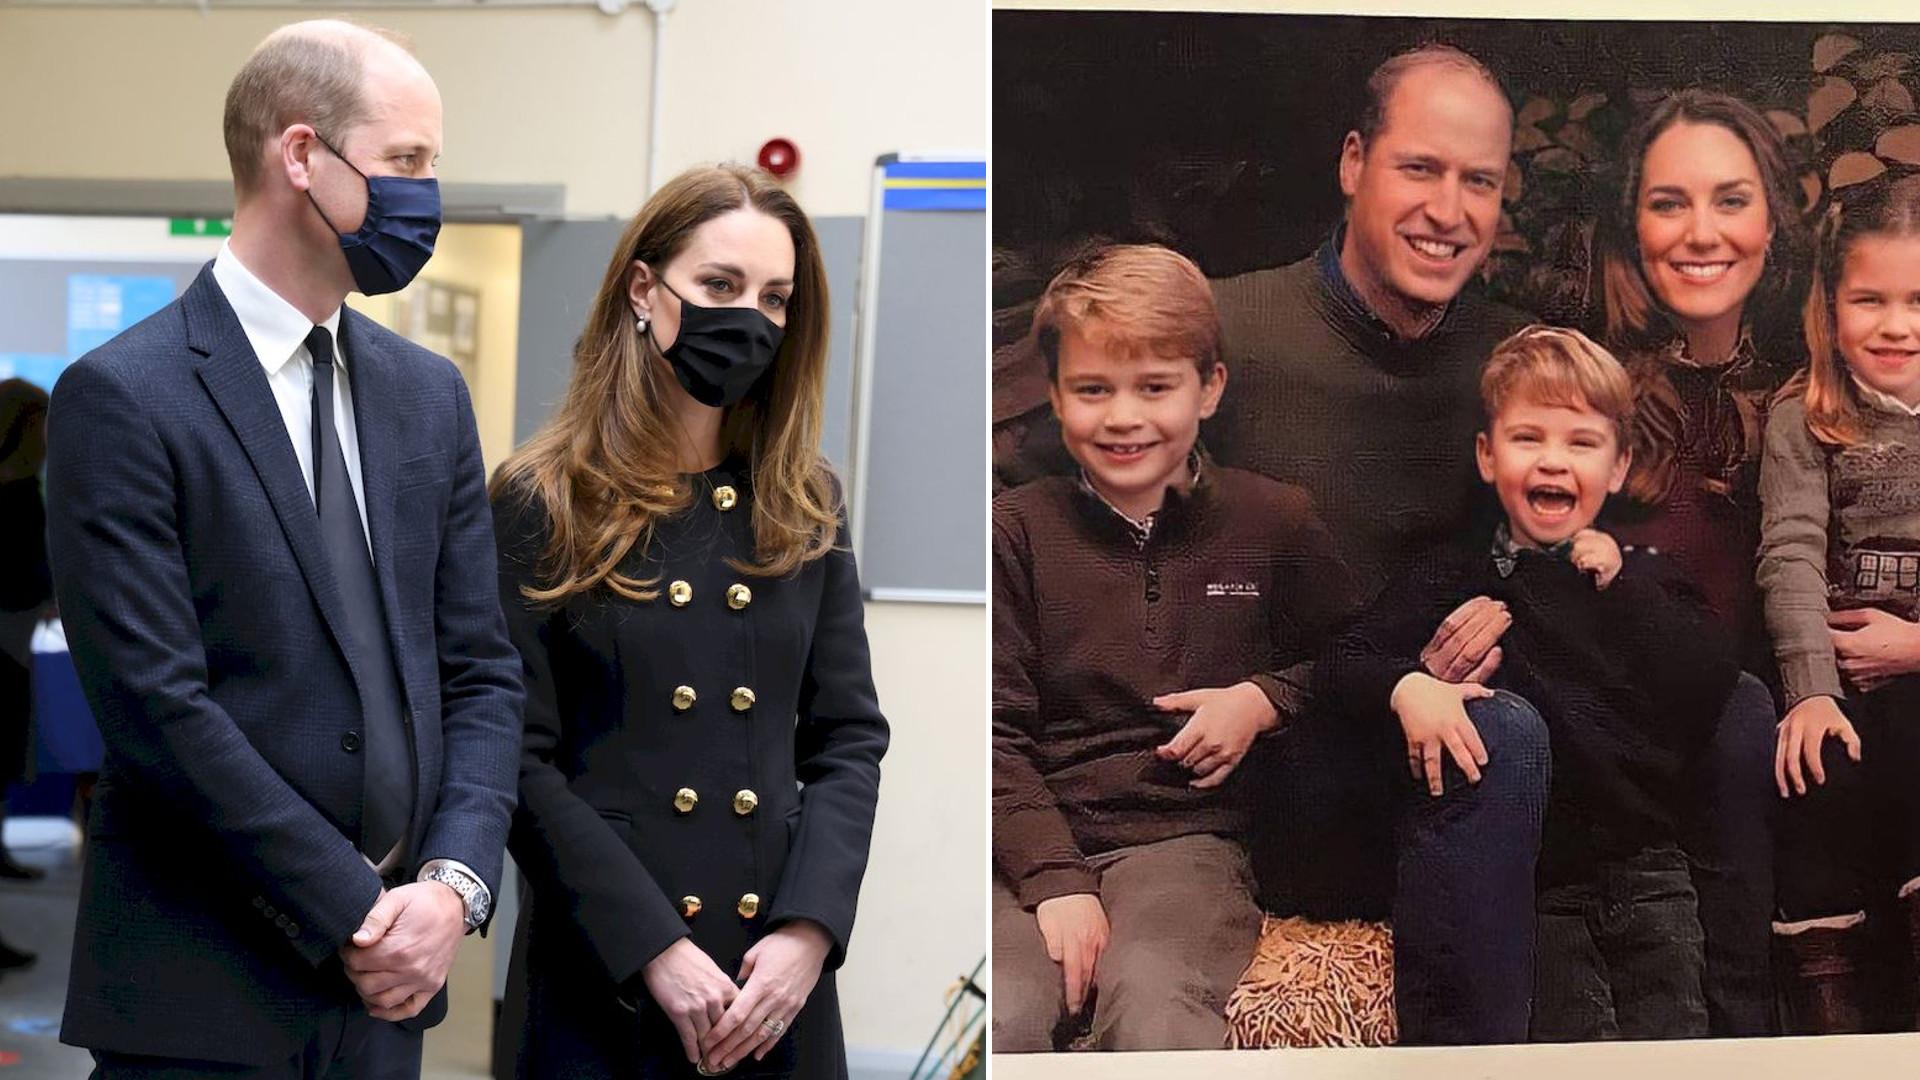 Księżna Kate i książę William zdradzili smutny fakt o swoich dzieciach. To łamie serce